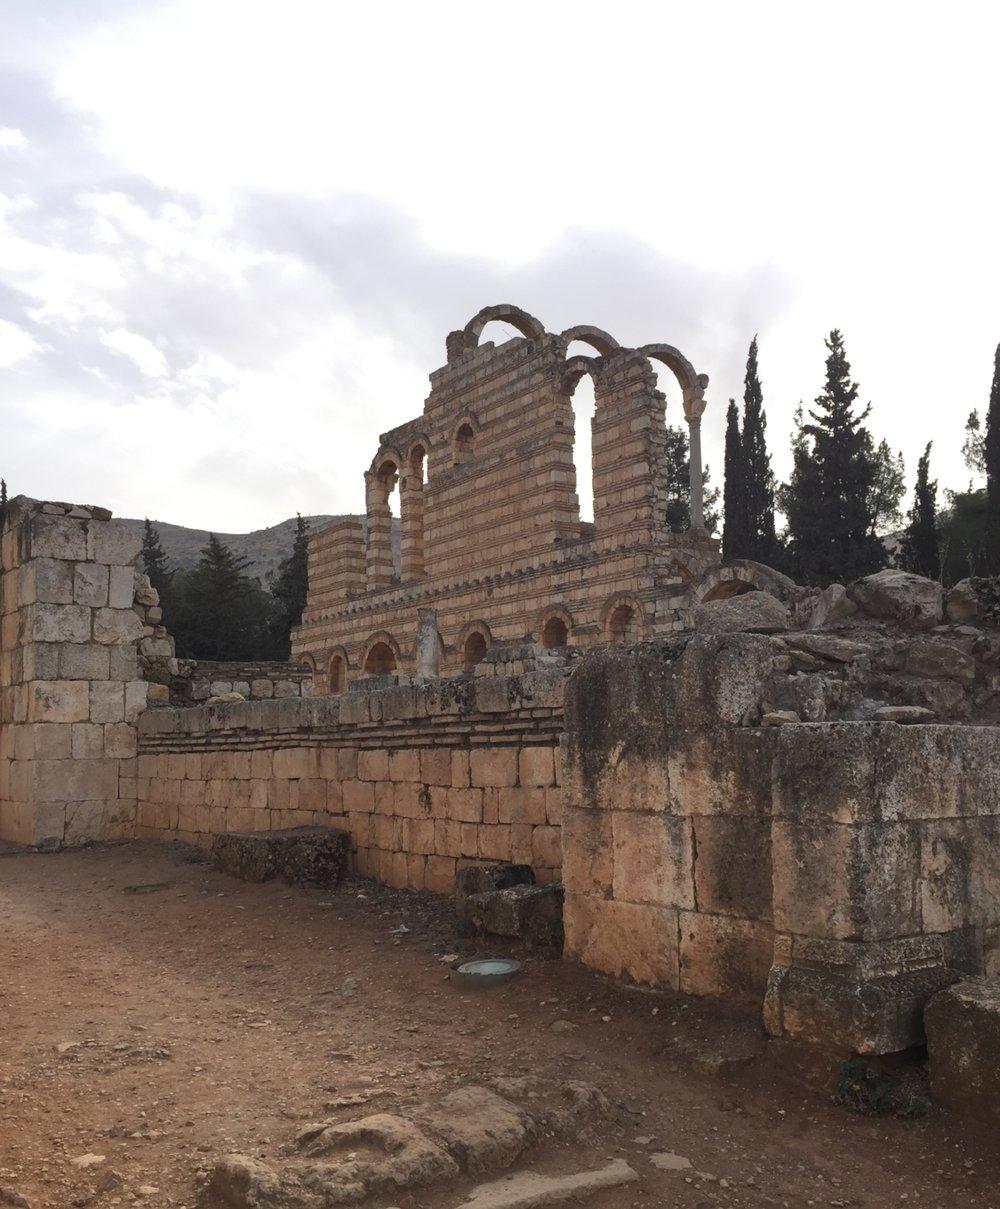 The grand palace of Anjar